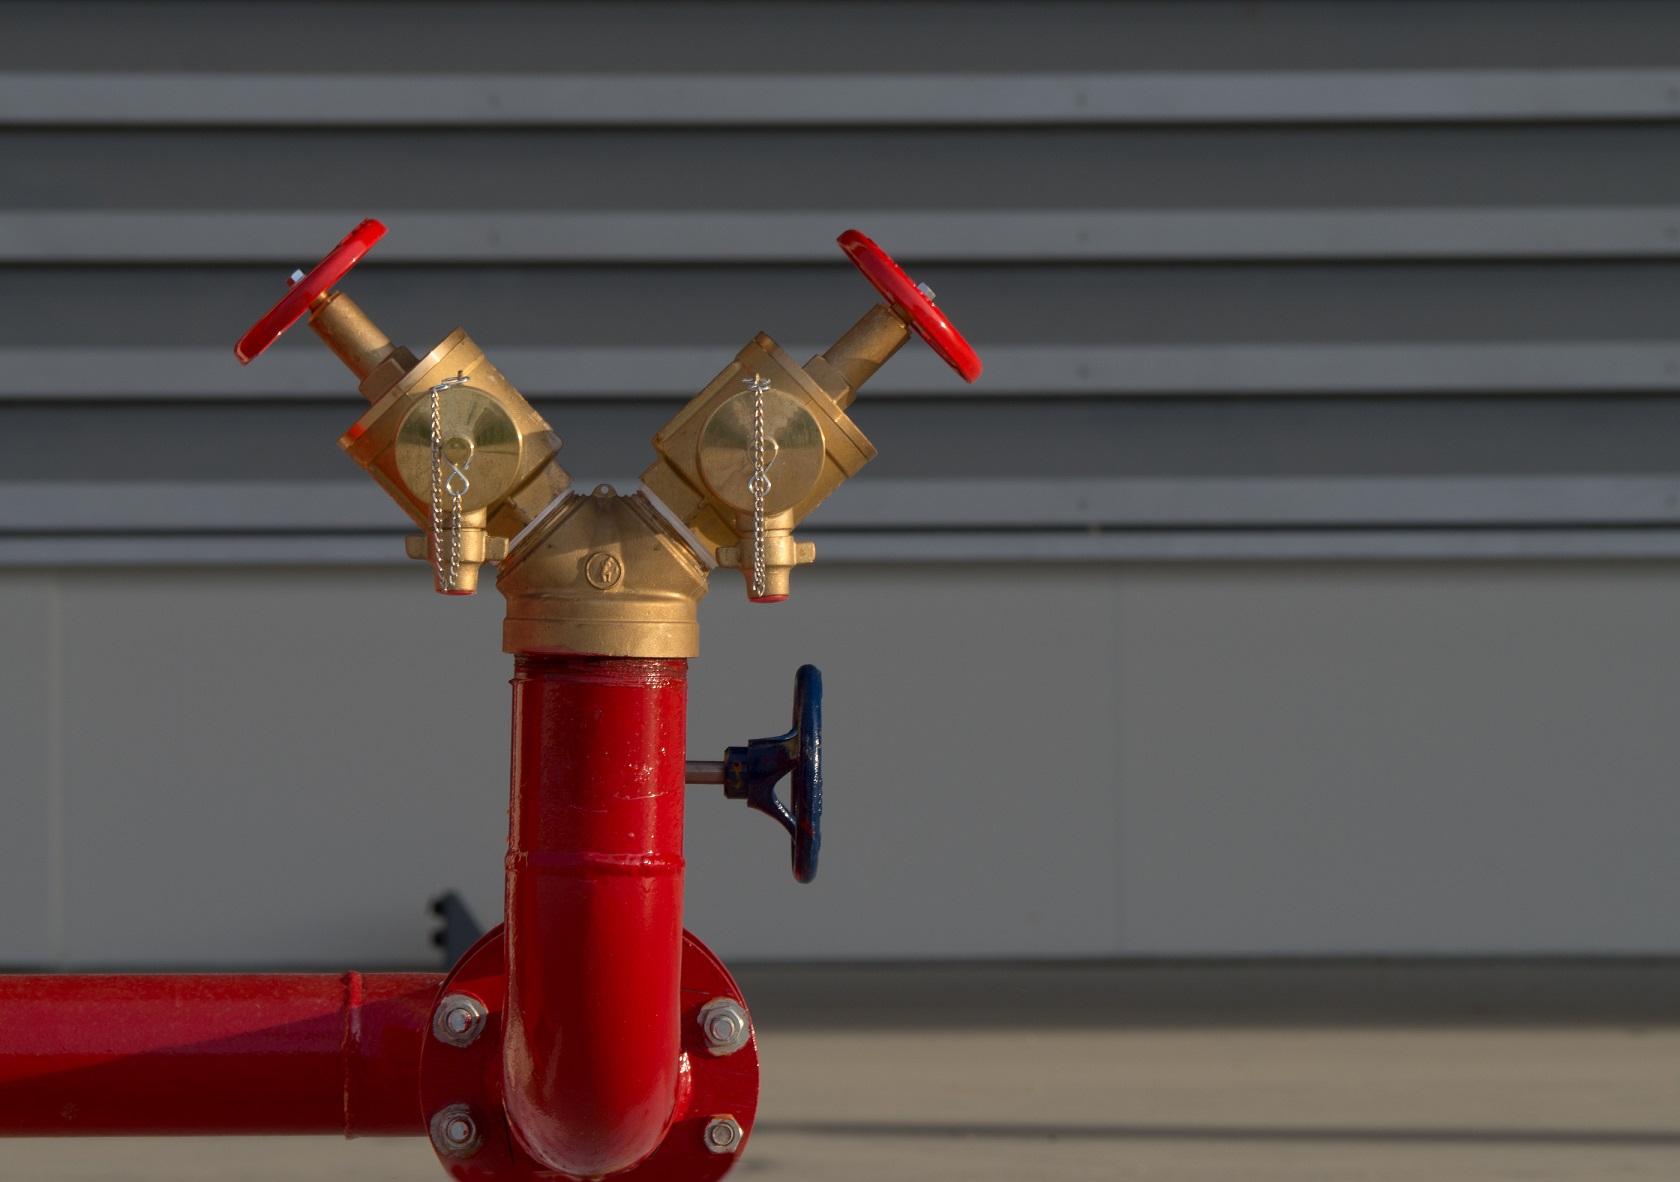 Tipos de válvulas para rede de incêndio: conheça os principais modelos